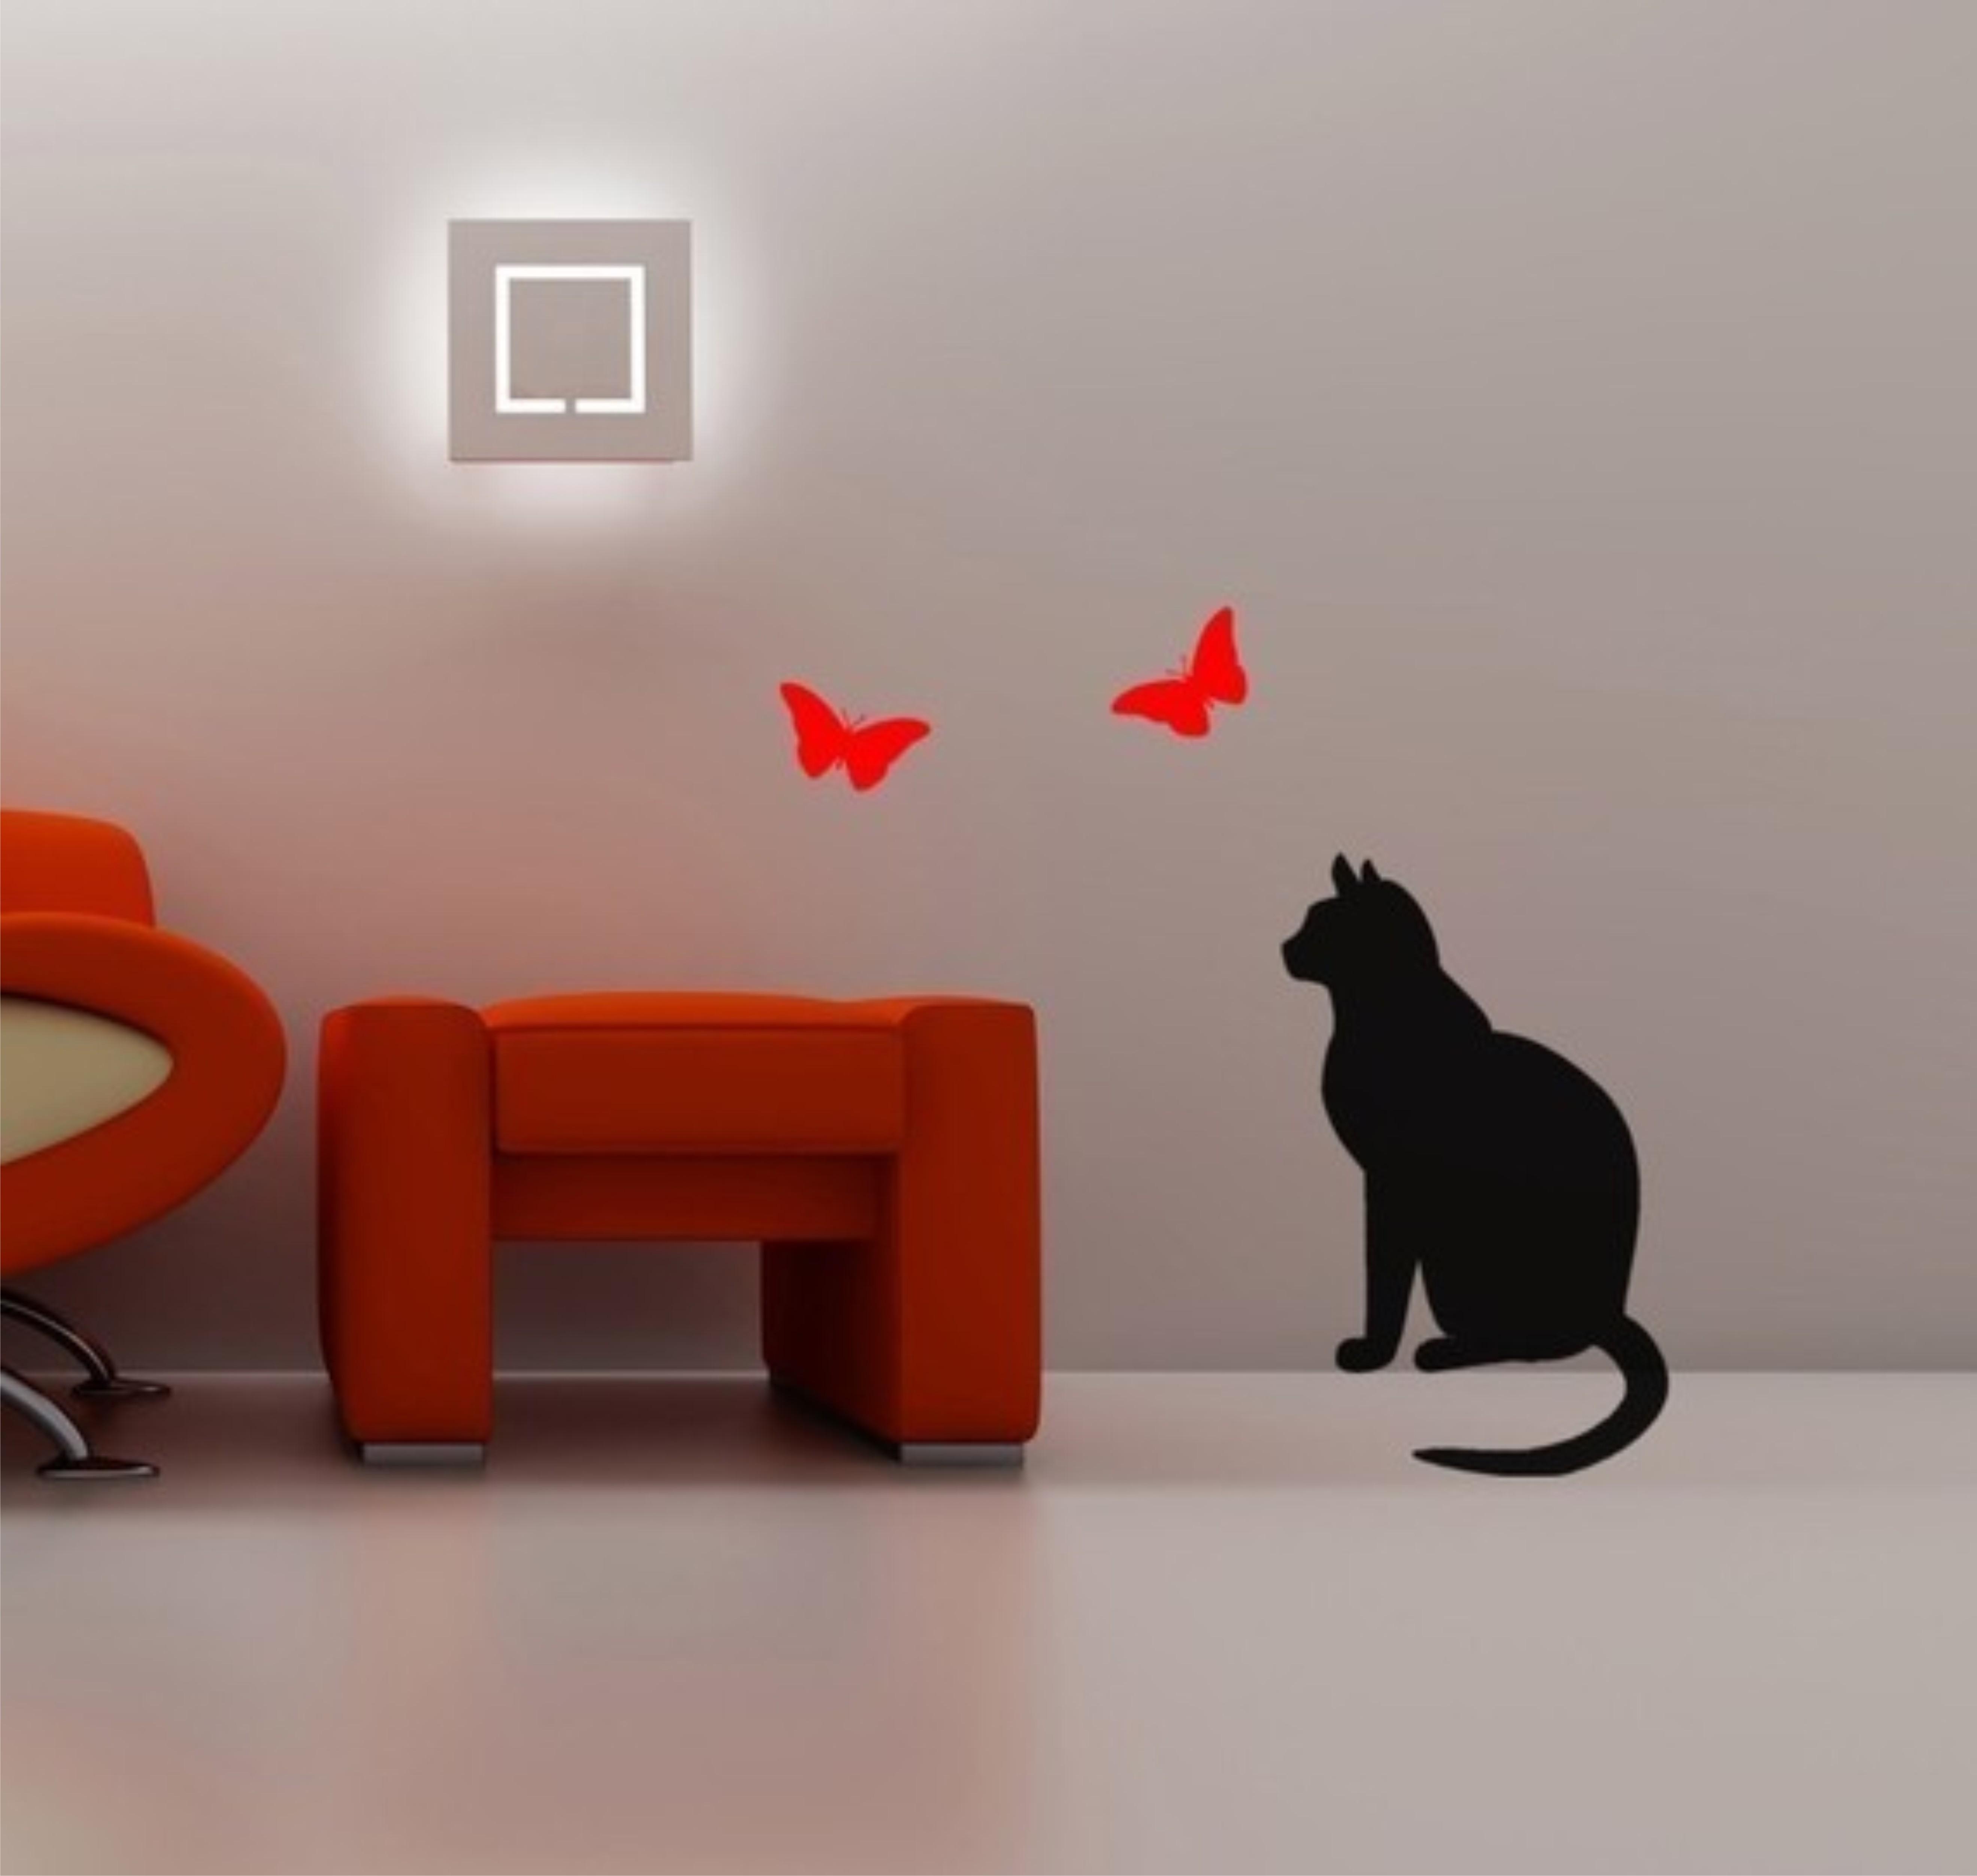 Adesivo Decorativo Para Vidro ~ Adesivo decoraç u00e3o parede gato borboletas Adesivos de Parede Frete GRÁTIS Elo7